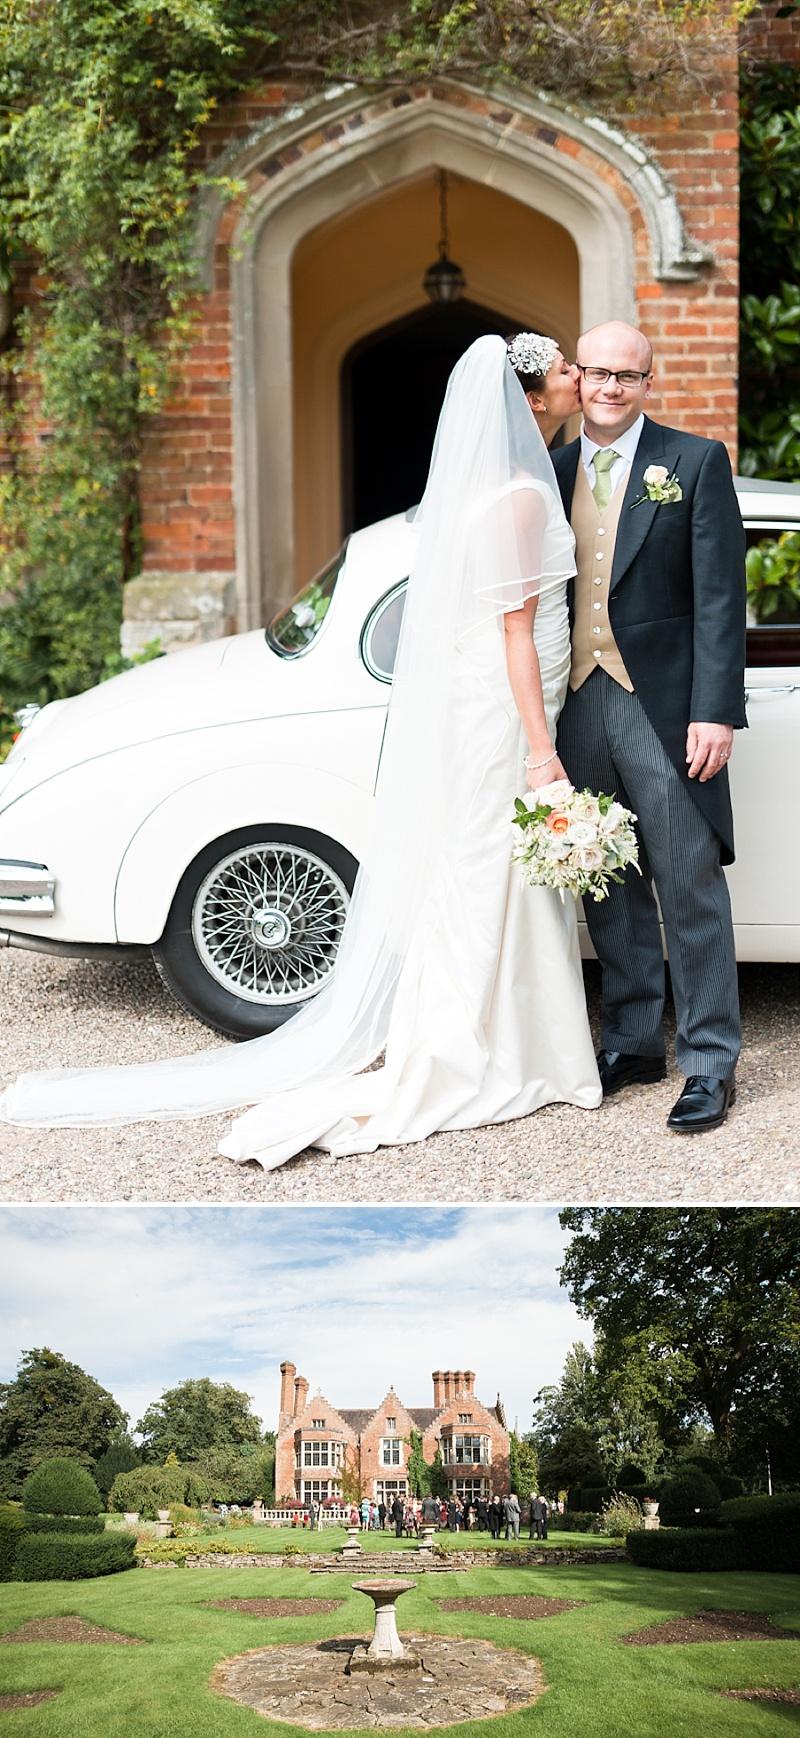 Anushe Low Wedding Photography Archives - ROCK MY WEDDING | UK ...